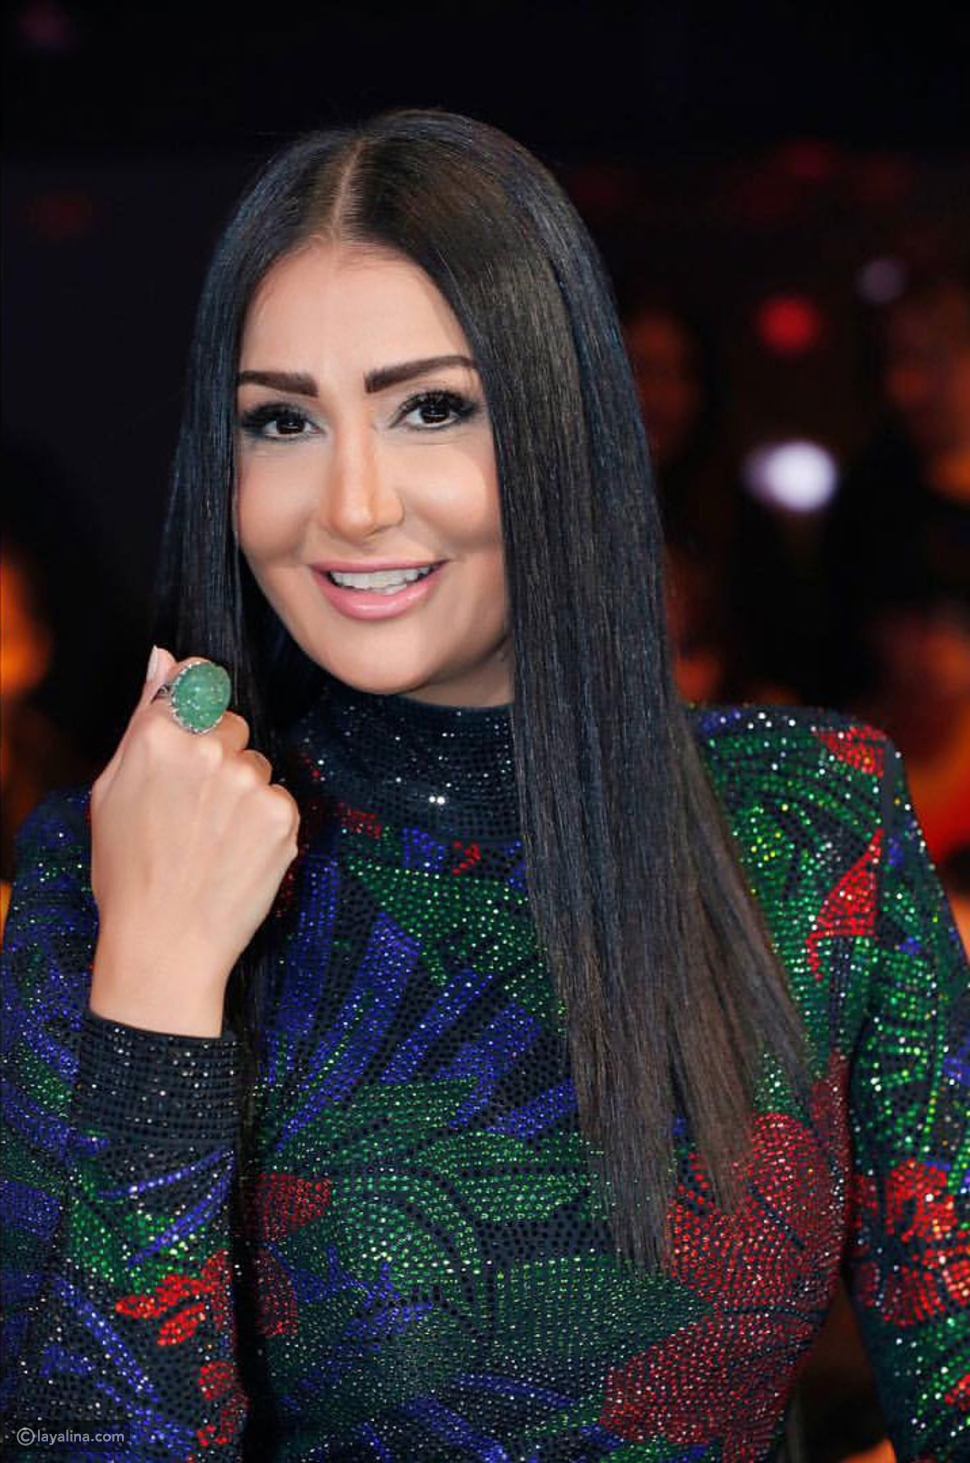 غادة عبد الرازق بنفس الفستان من عام